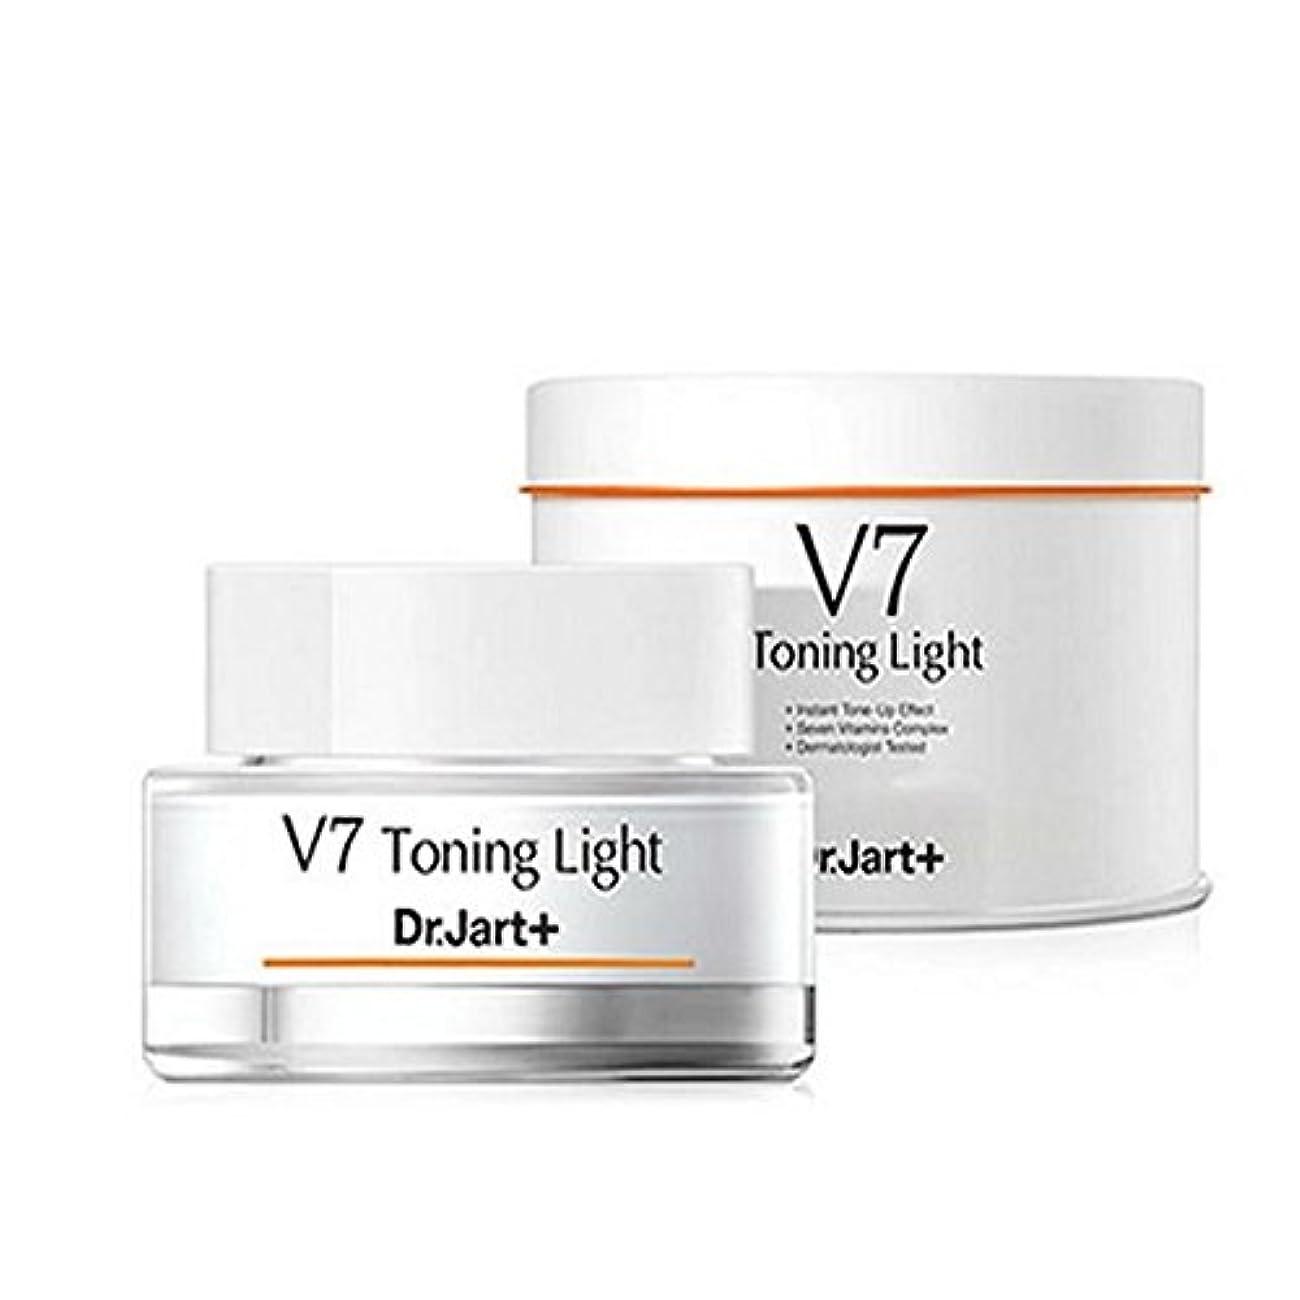 構築する落ち込んでいる微妙Dr. Jart /ドクタージャルト V7 トーニングライト/V7 Toning Lihgt 50ml/100% Authentic direct from Korea [並行輸入品]